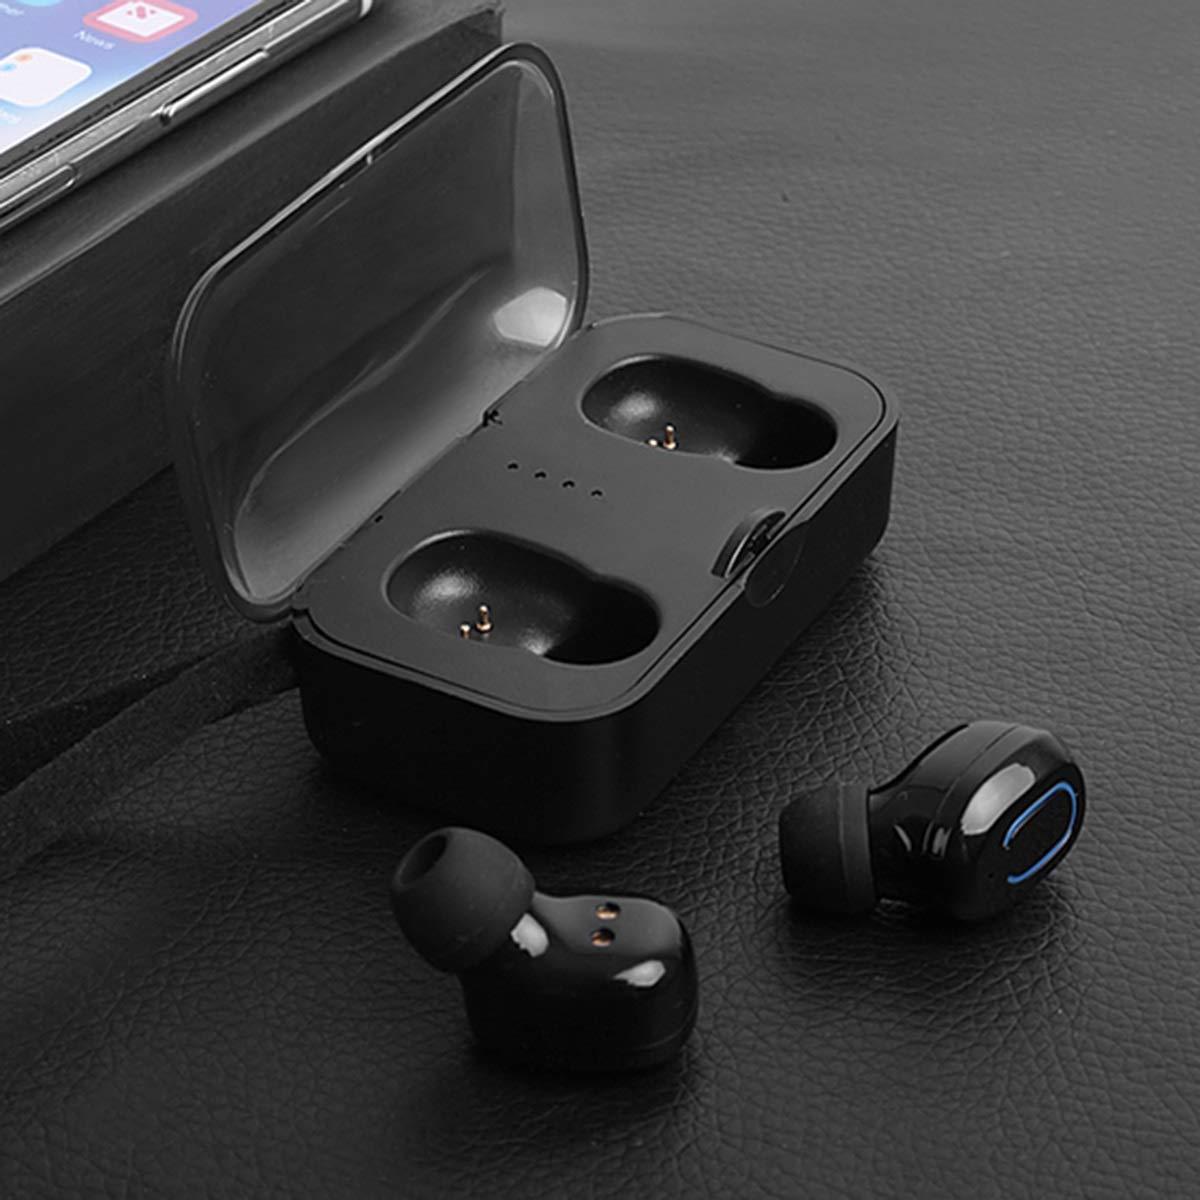 Jinxuny ワイヤレスヘッドフォン イヤホン 5.0 Bluetoothイヤホン TWS ワイヤレス 5.0 イヤホン タッチコントロールヘッドセット 充電ボックス付き ブラック ブラック ブラック B07R7WKT11, こめの里本舗:49038d1e --- verkokajak.se